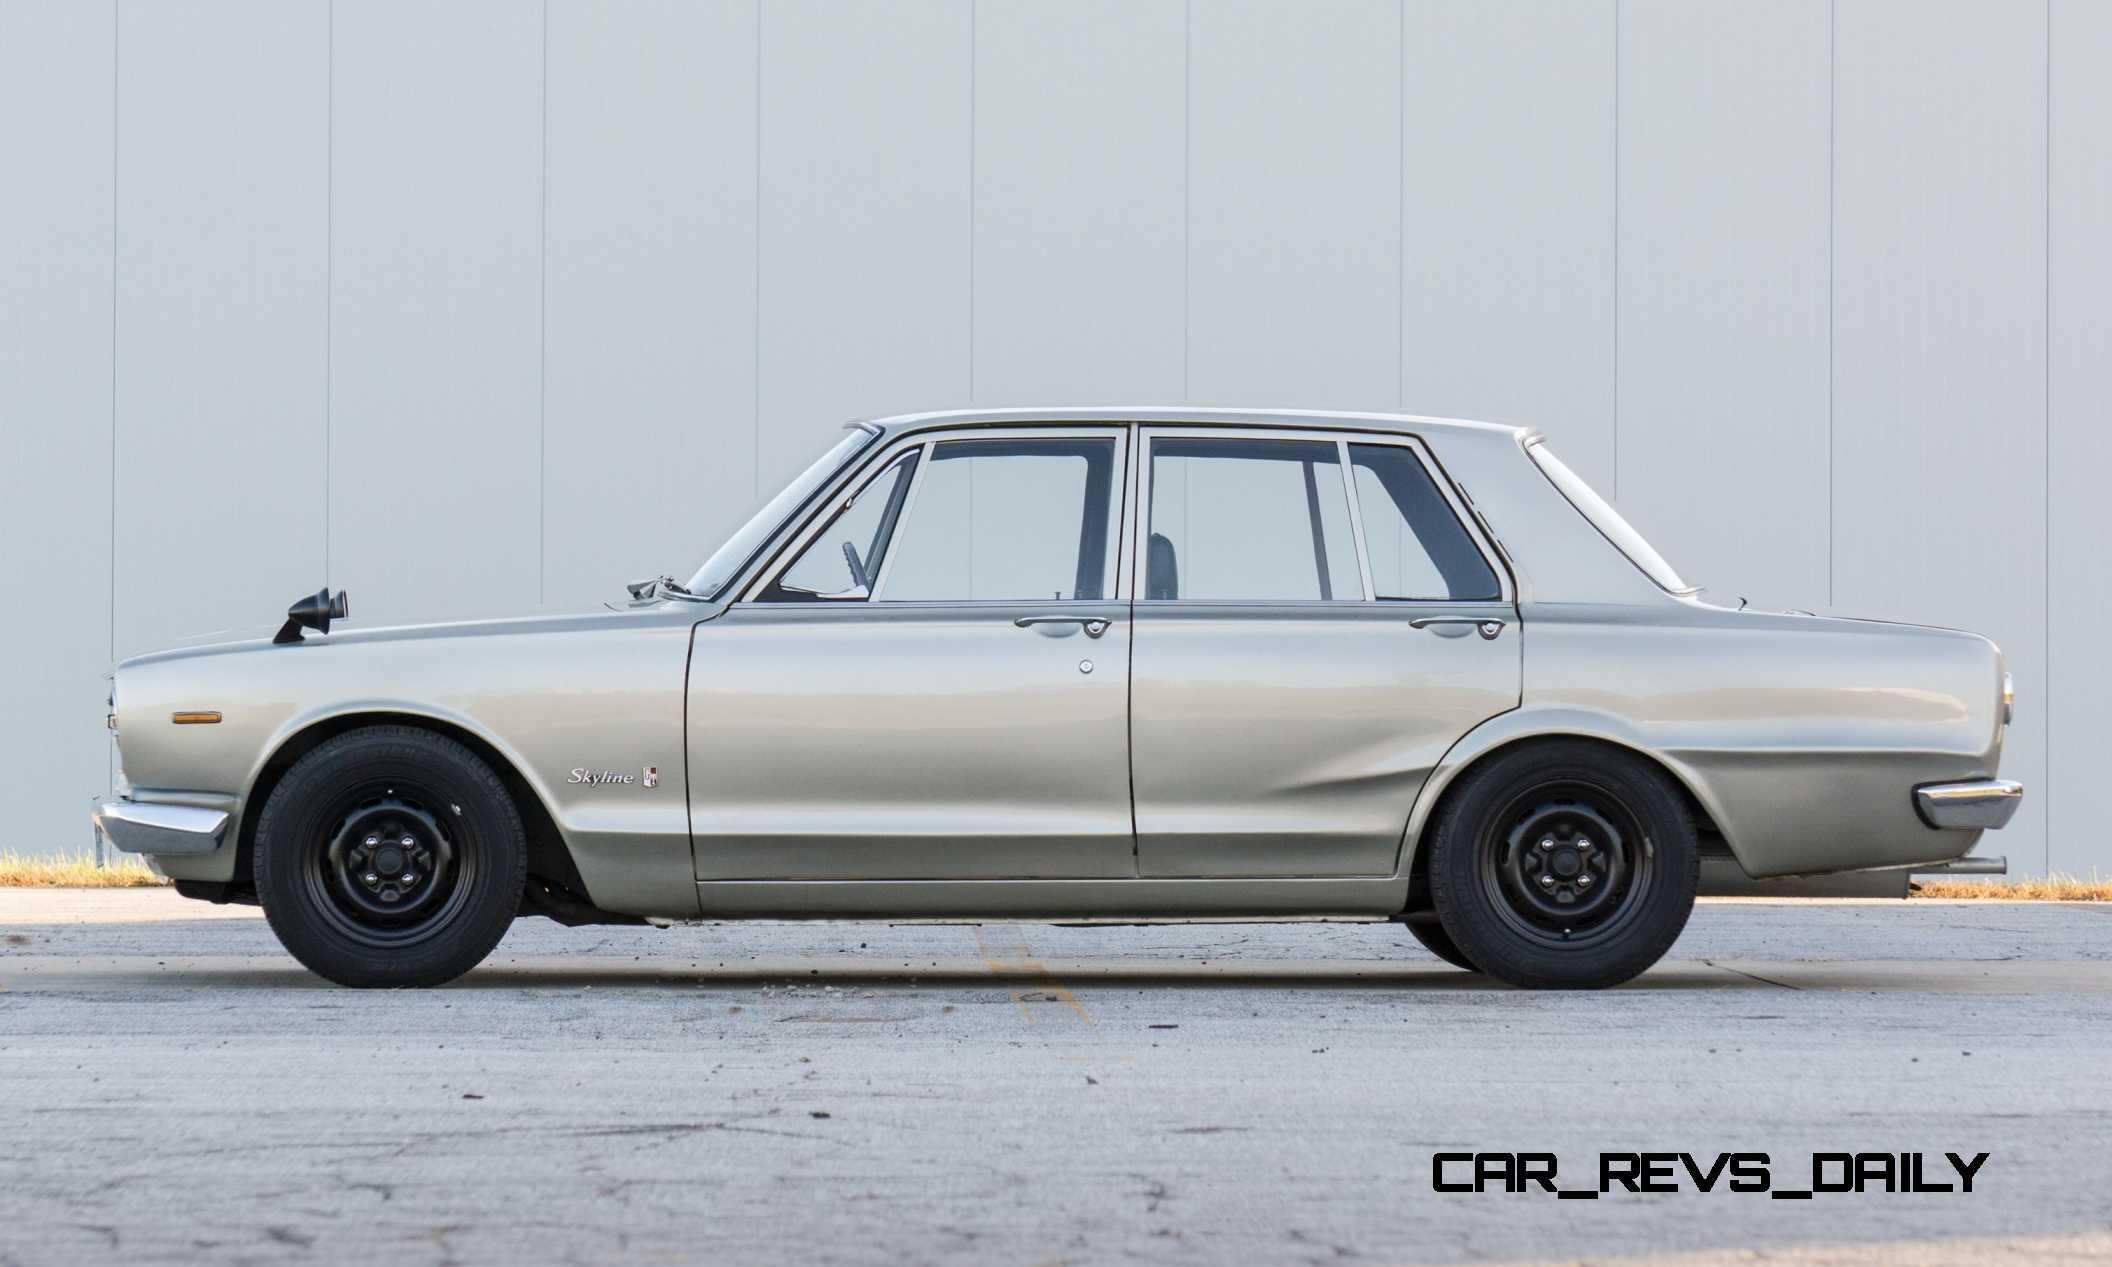 1970 nissan skyline 2000 gt r hakosuka sedan 7 rh car revs daily com 1970 nissan skyline 2000 gtr for sale 1967 Nissan Skyline 2000 GTR